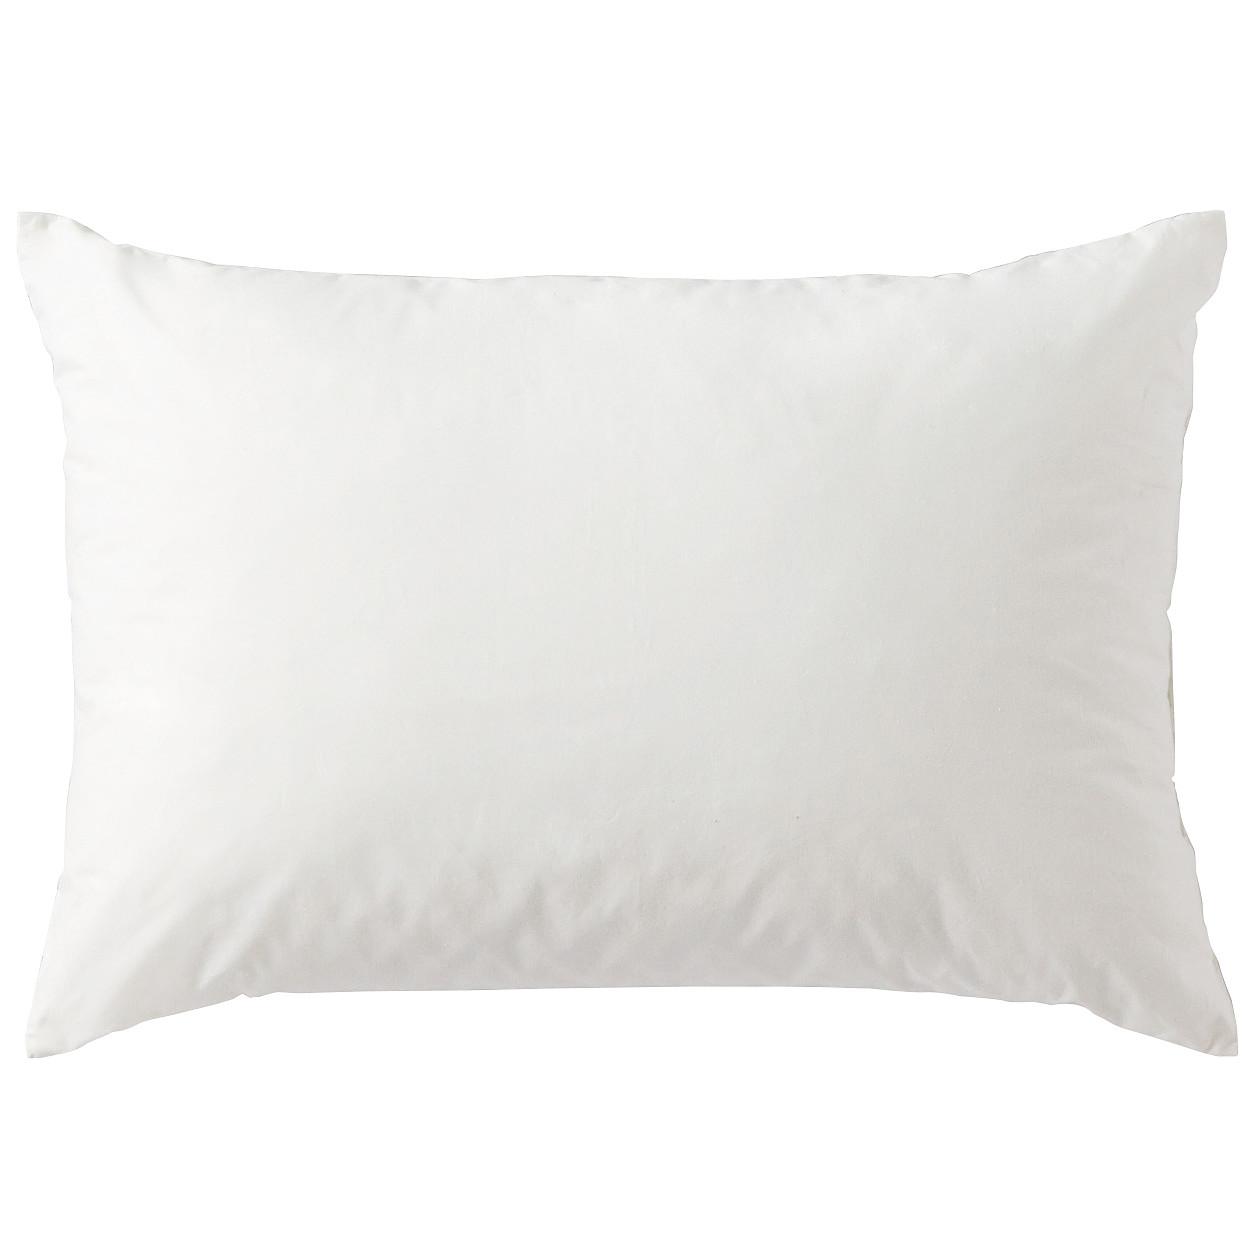 洗える枕のおすすめ9選!抗菌防臭タイプも